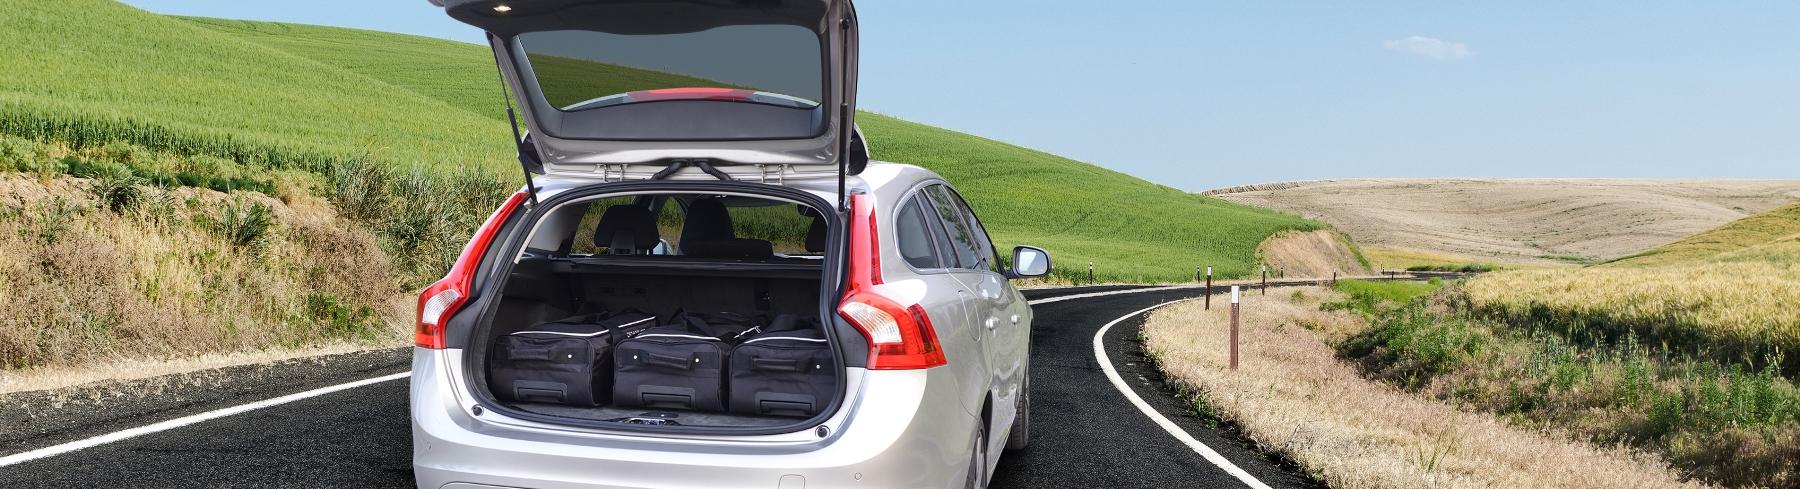 car-bags-concept-1-zomer